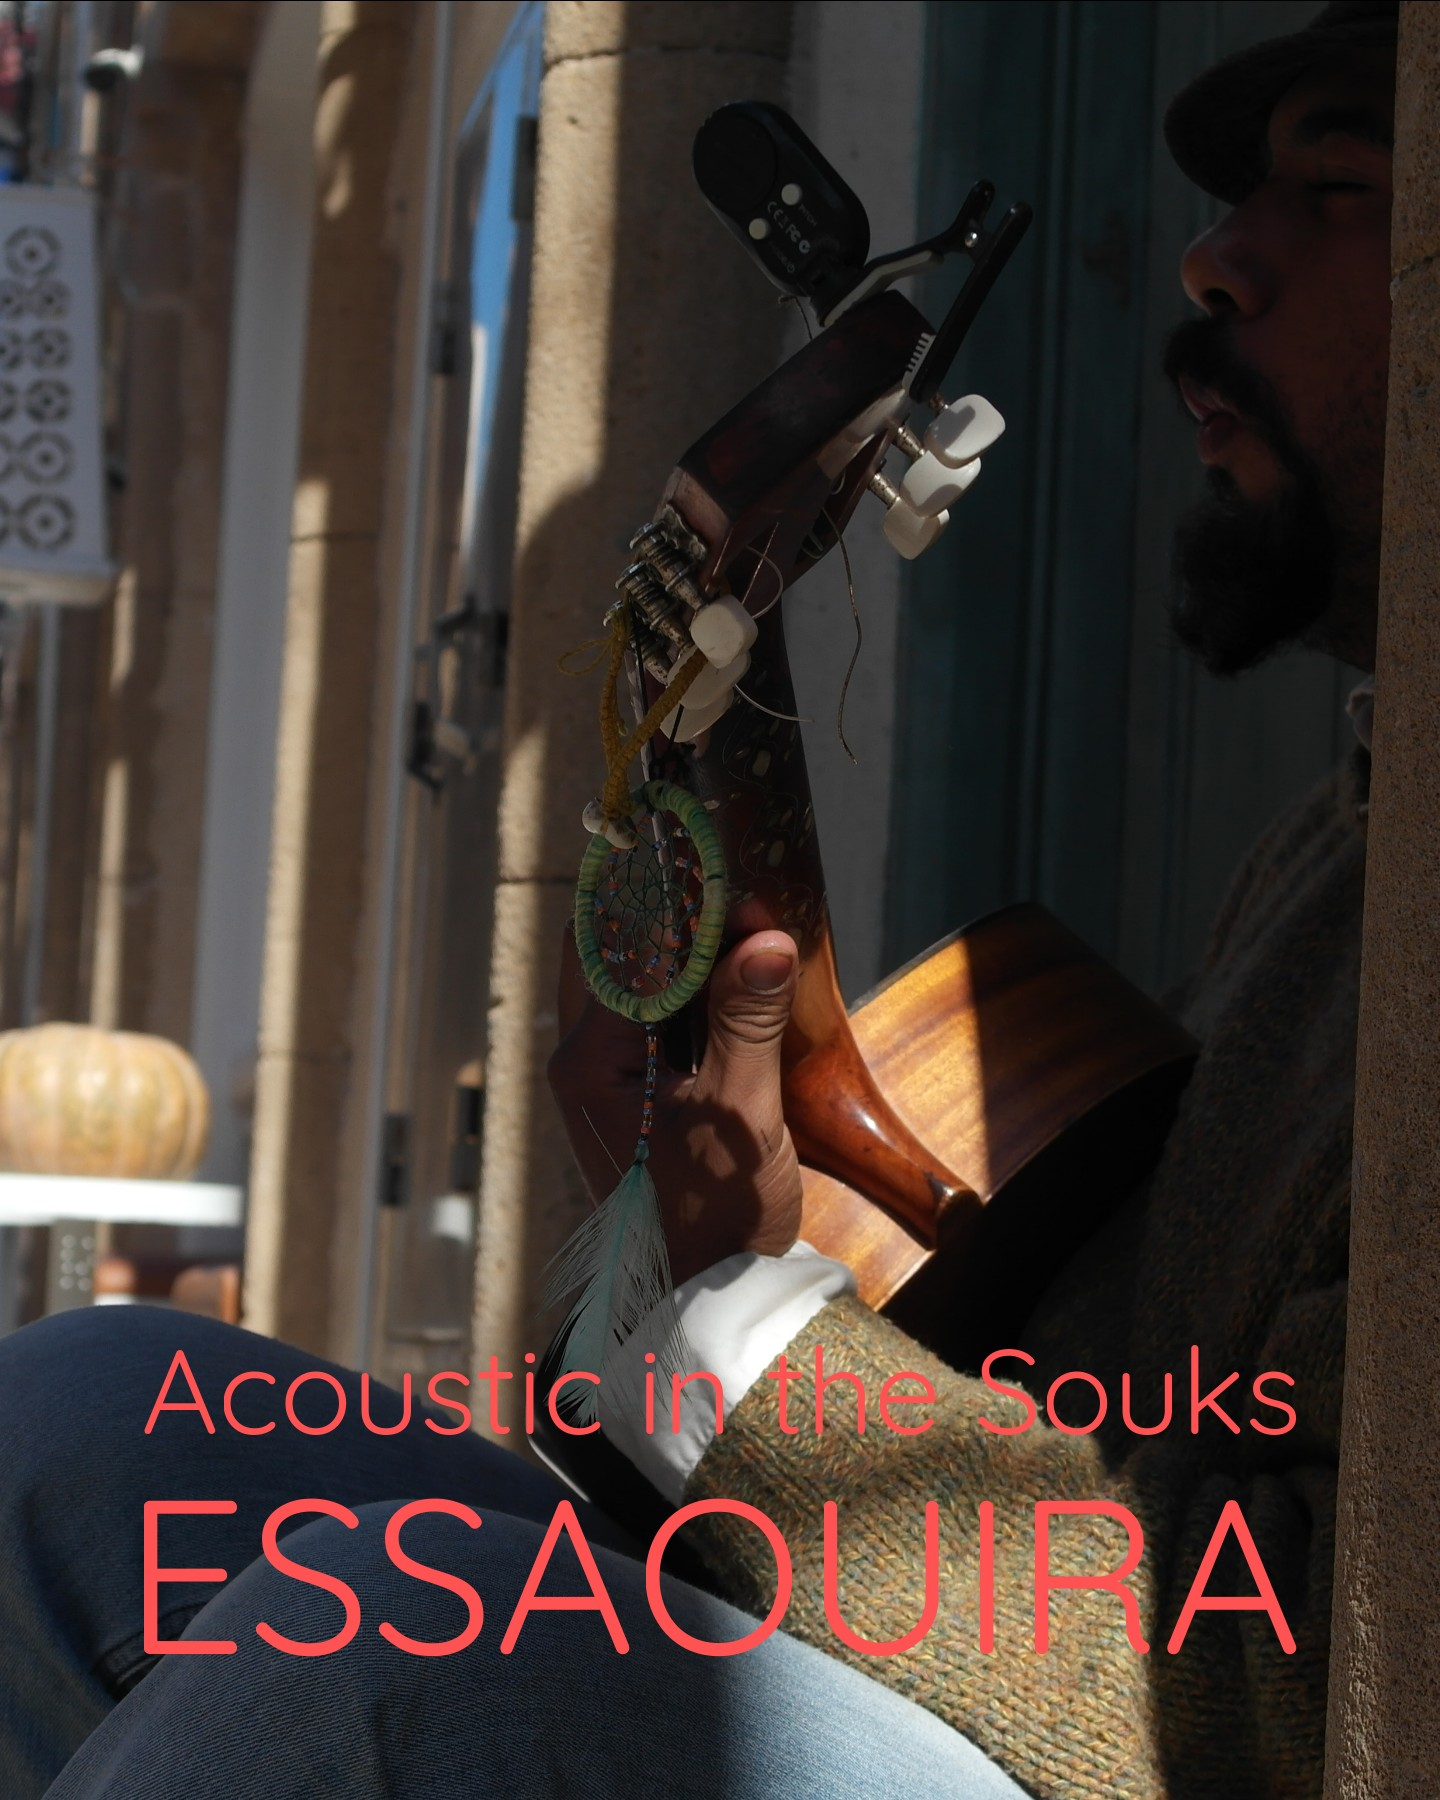 Busker in Essaouira